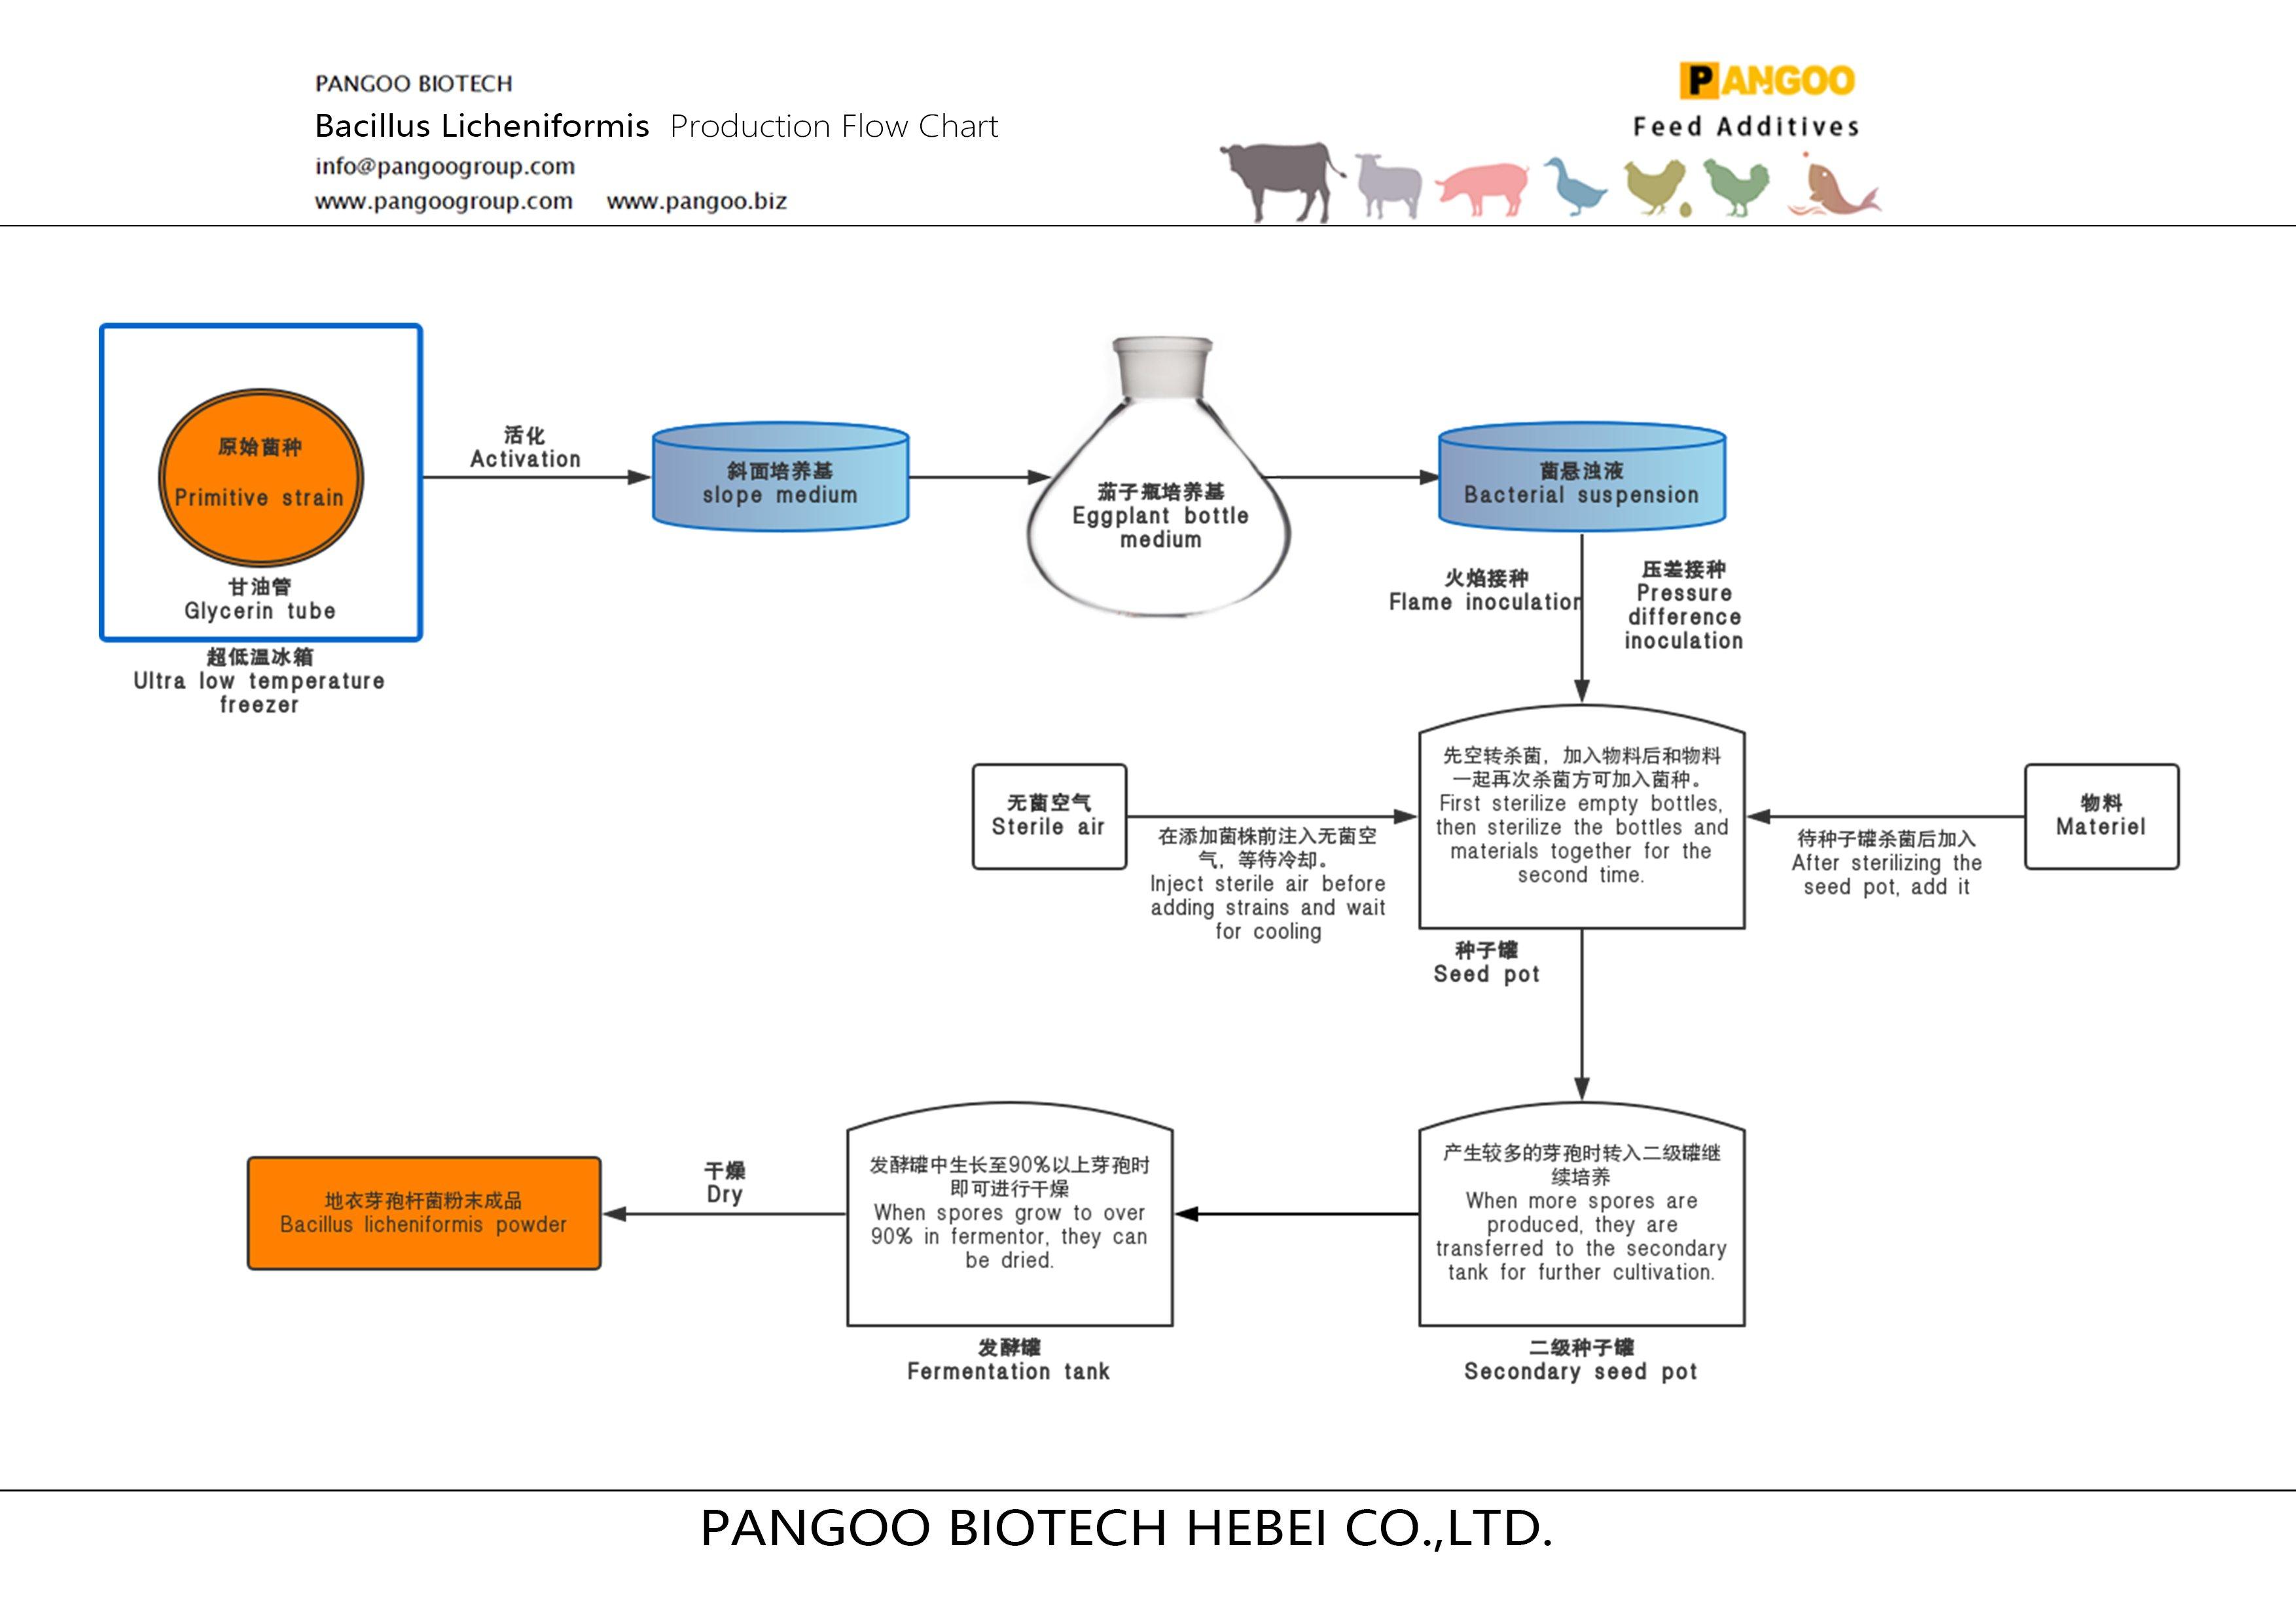 Bacillus Licheniformis Production Flow Chart